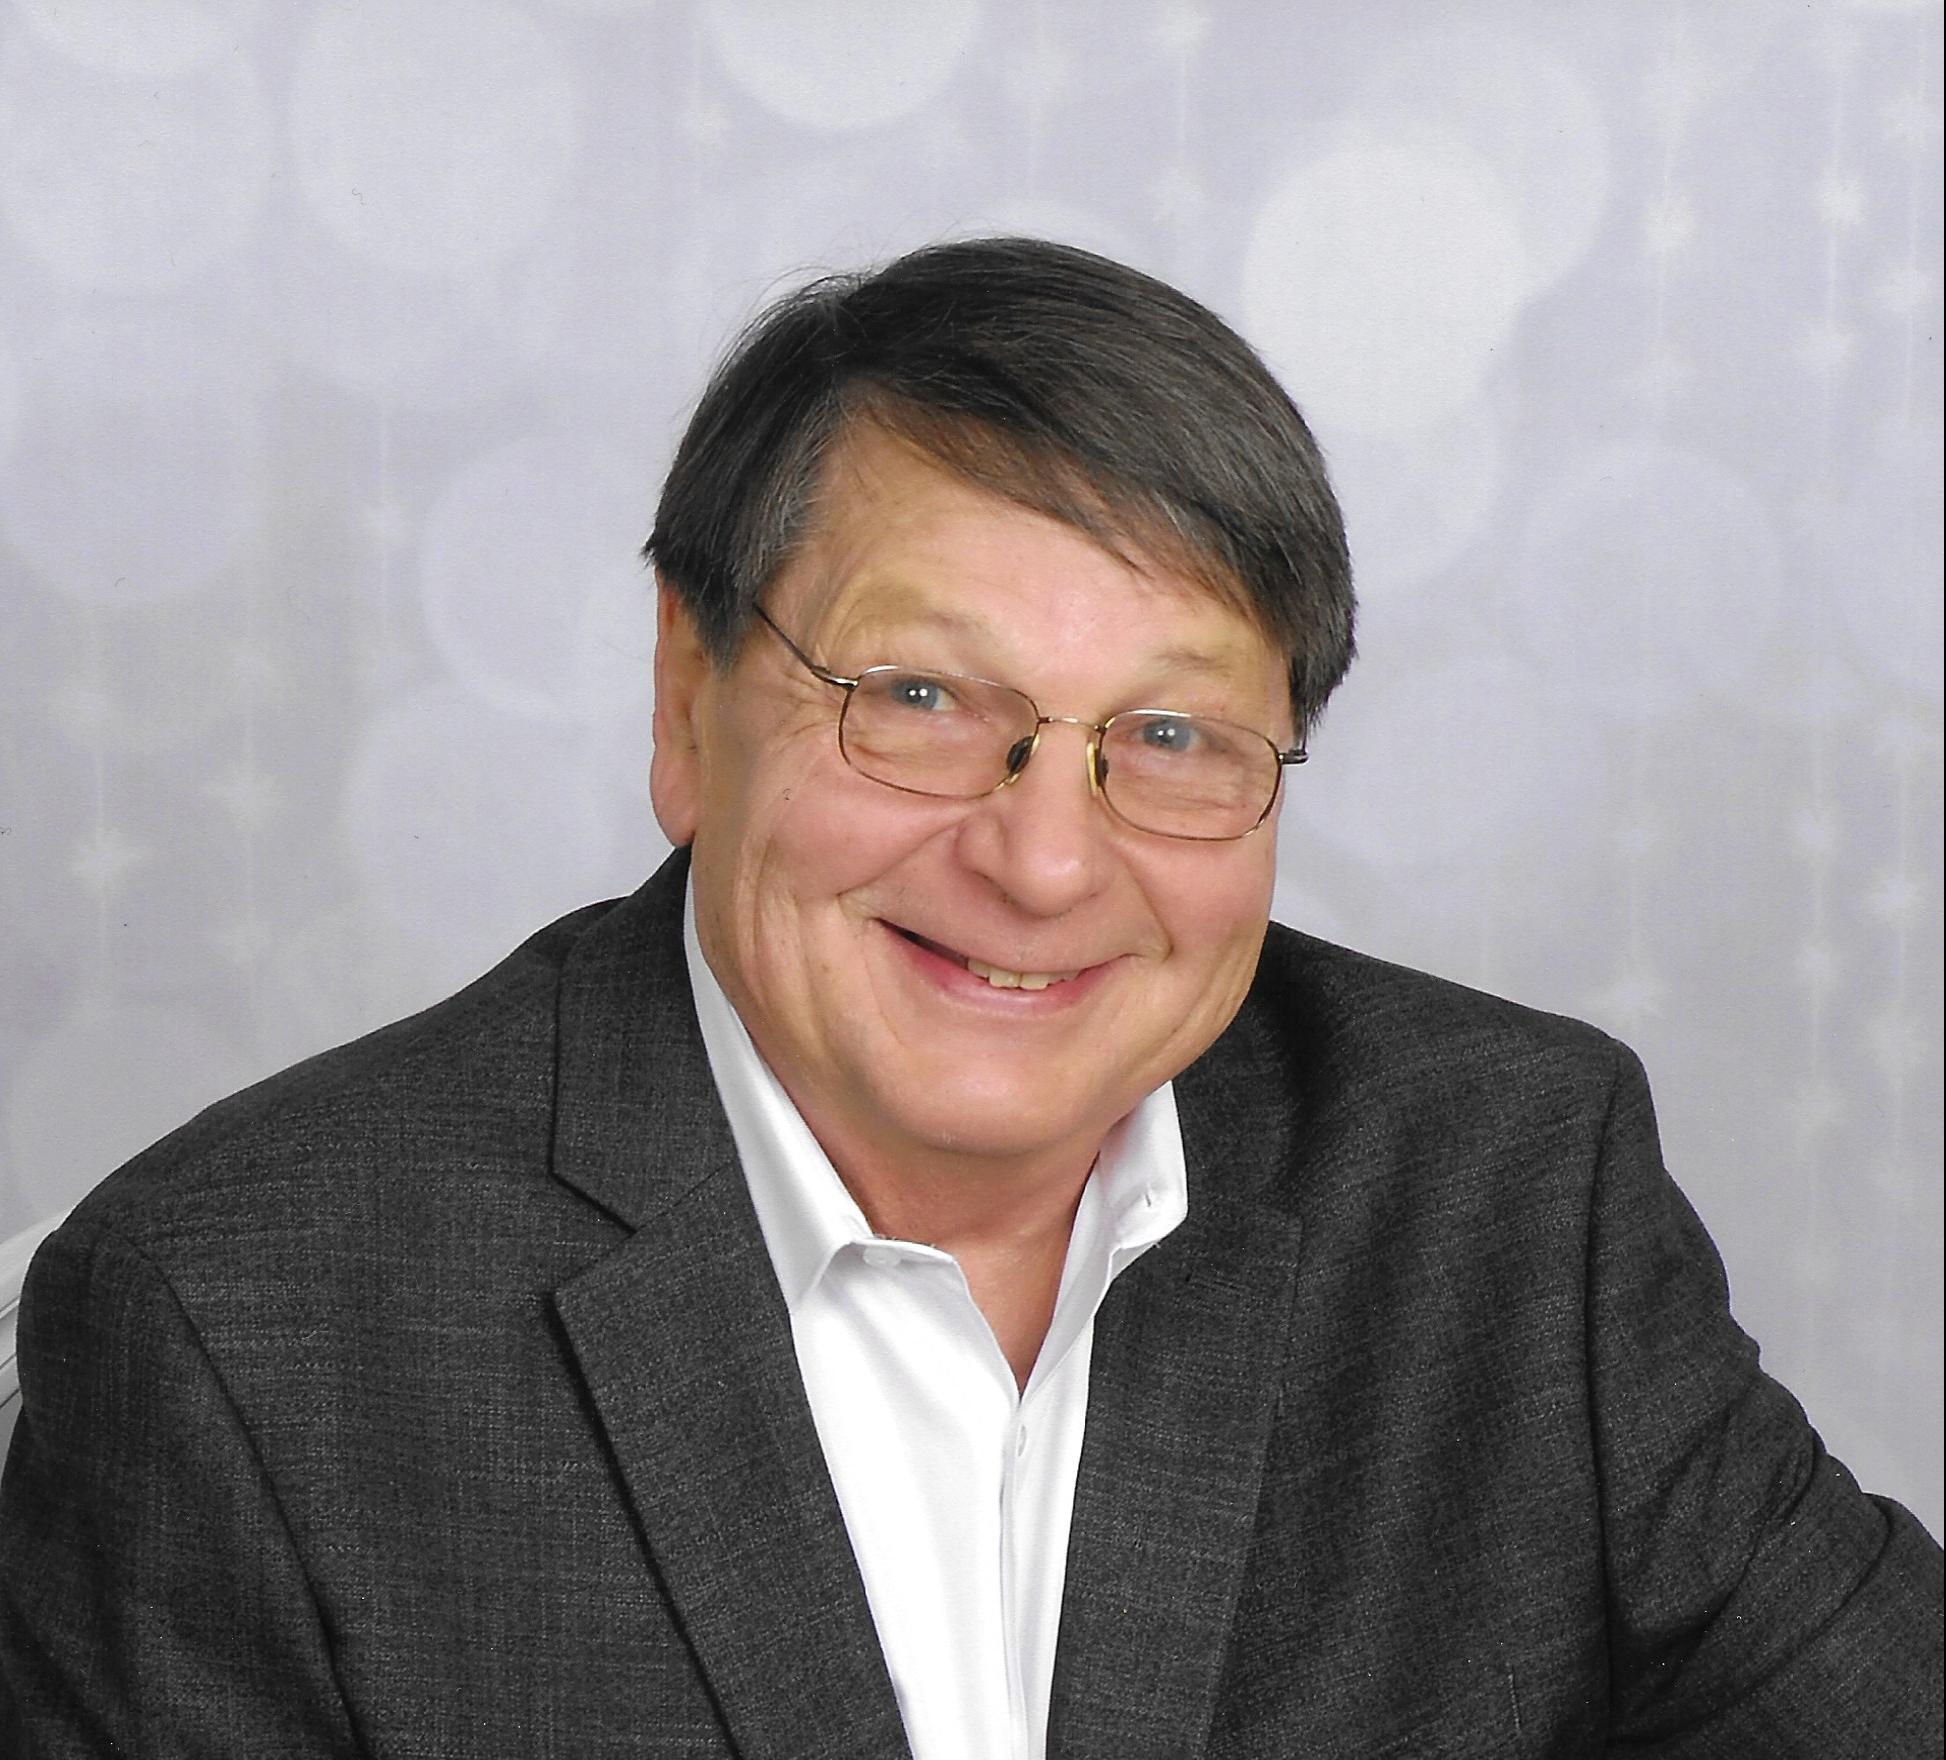 Dale 'Dirk' Peter Dierkhising